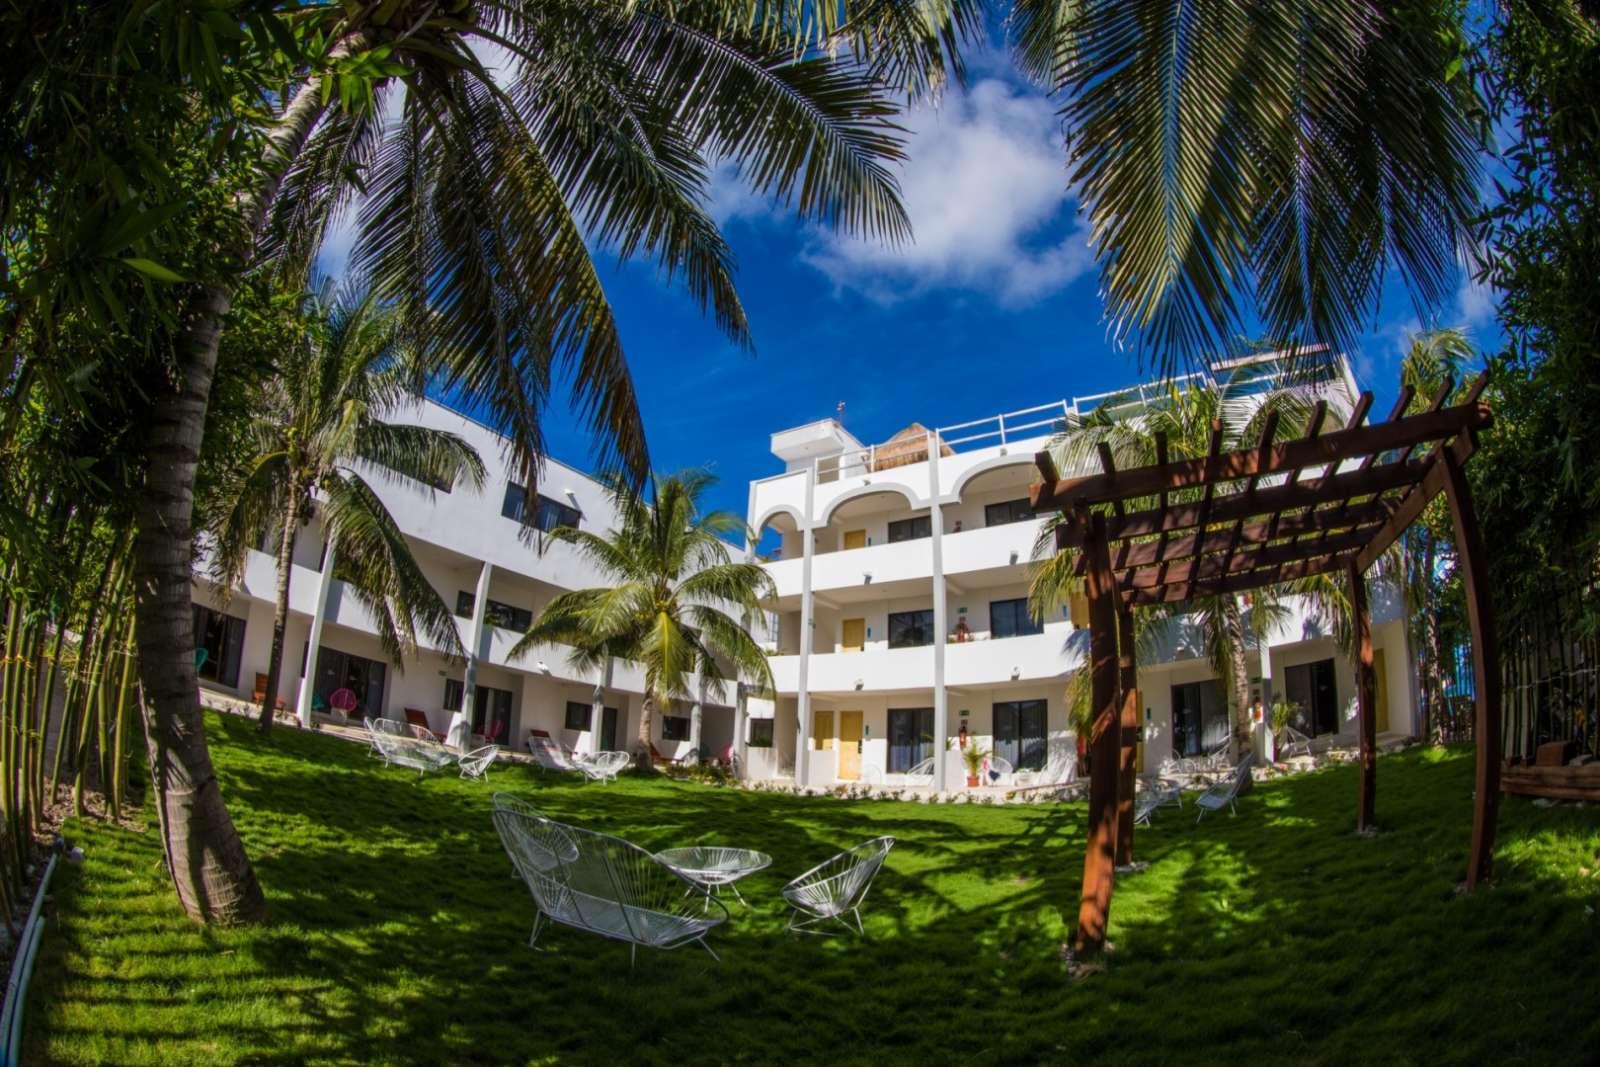 Hotel Ojo De Agua Building